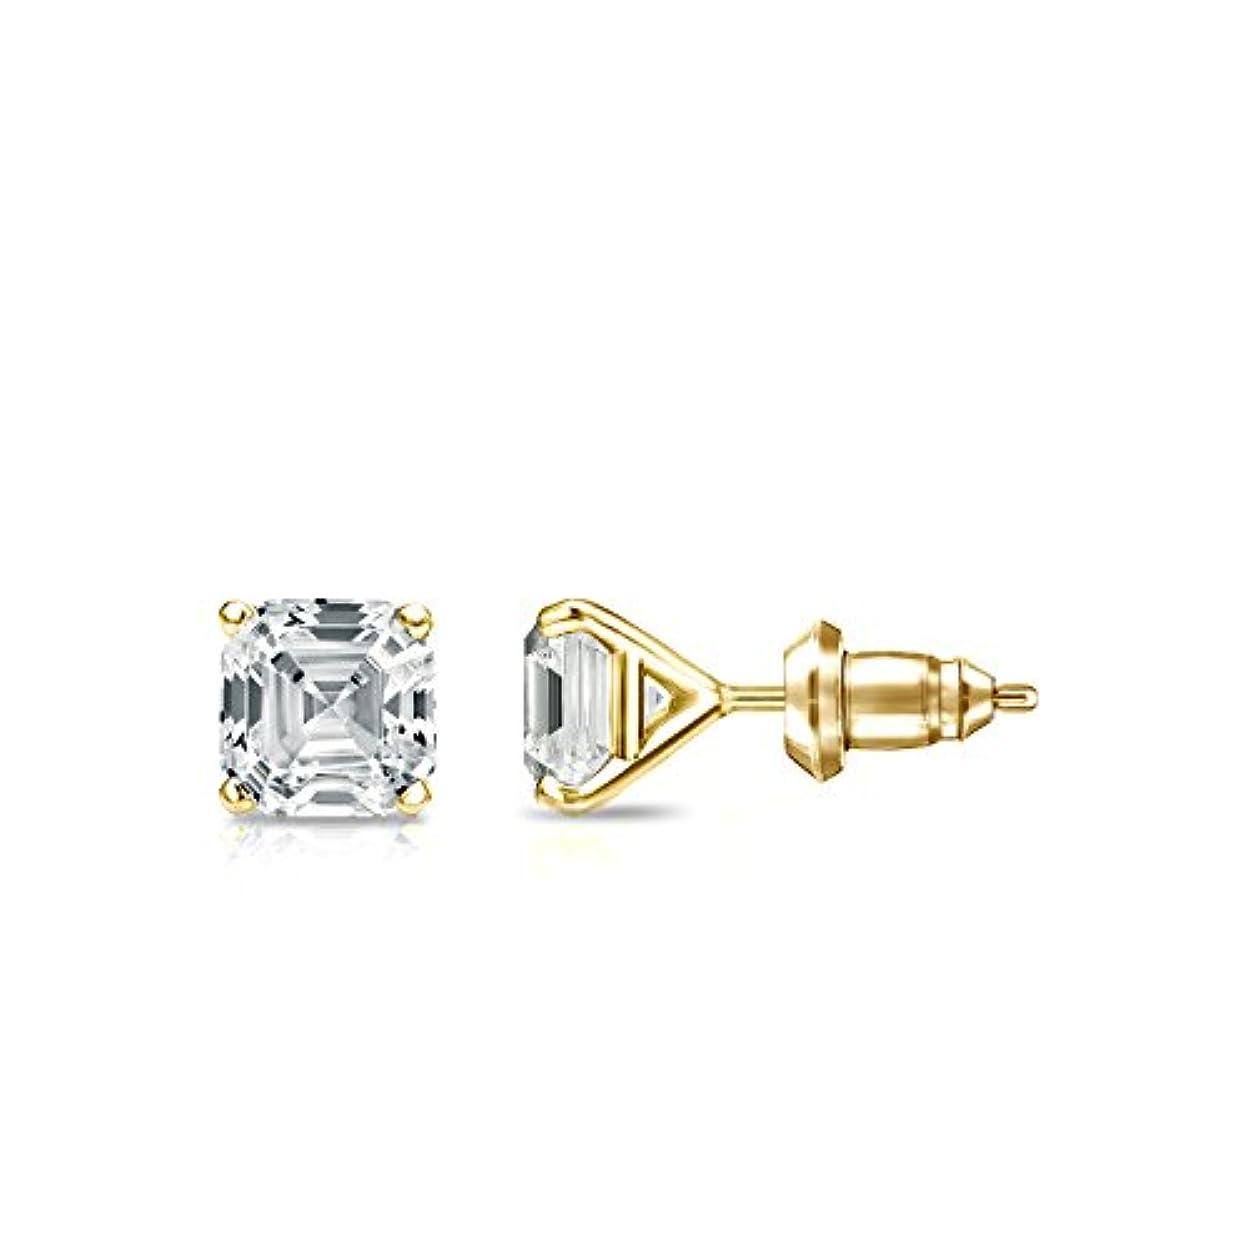 ヘッジメトロポリタンサンダー14 Kゴールド4プロングMartini Asscherダイヤモンドメンズスタッドイヤリング( 1 / 2 – 2 ct、ホワイト、si2安全ロックバック